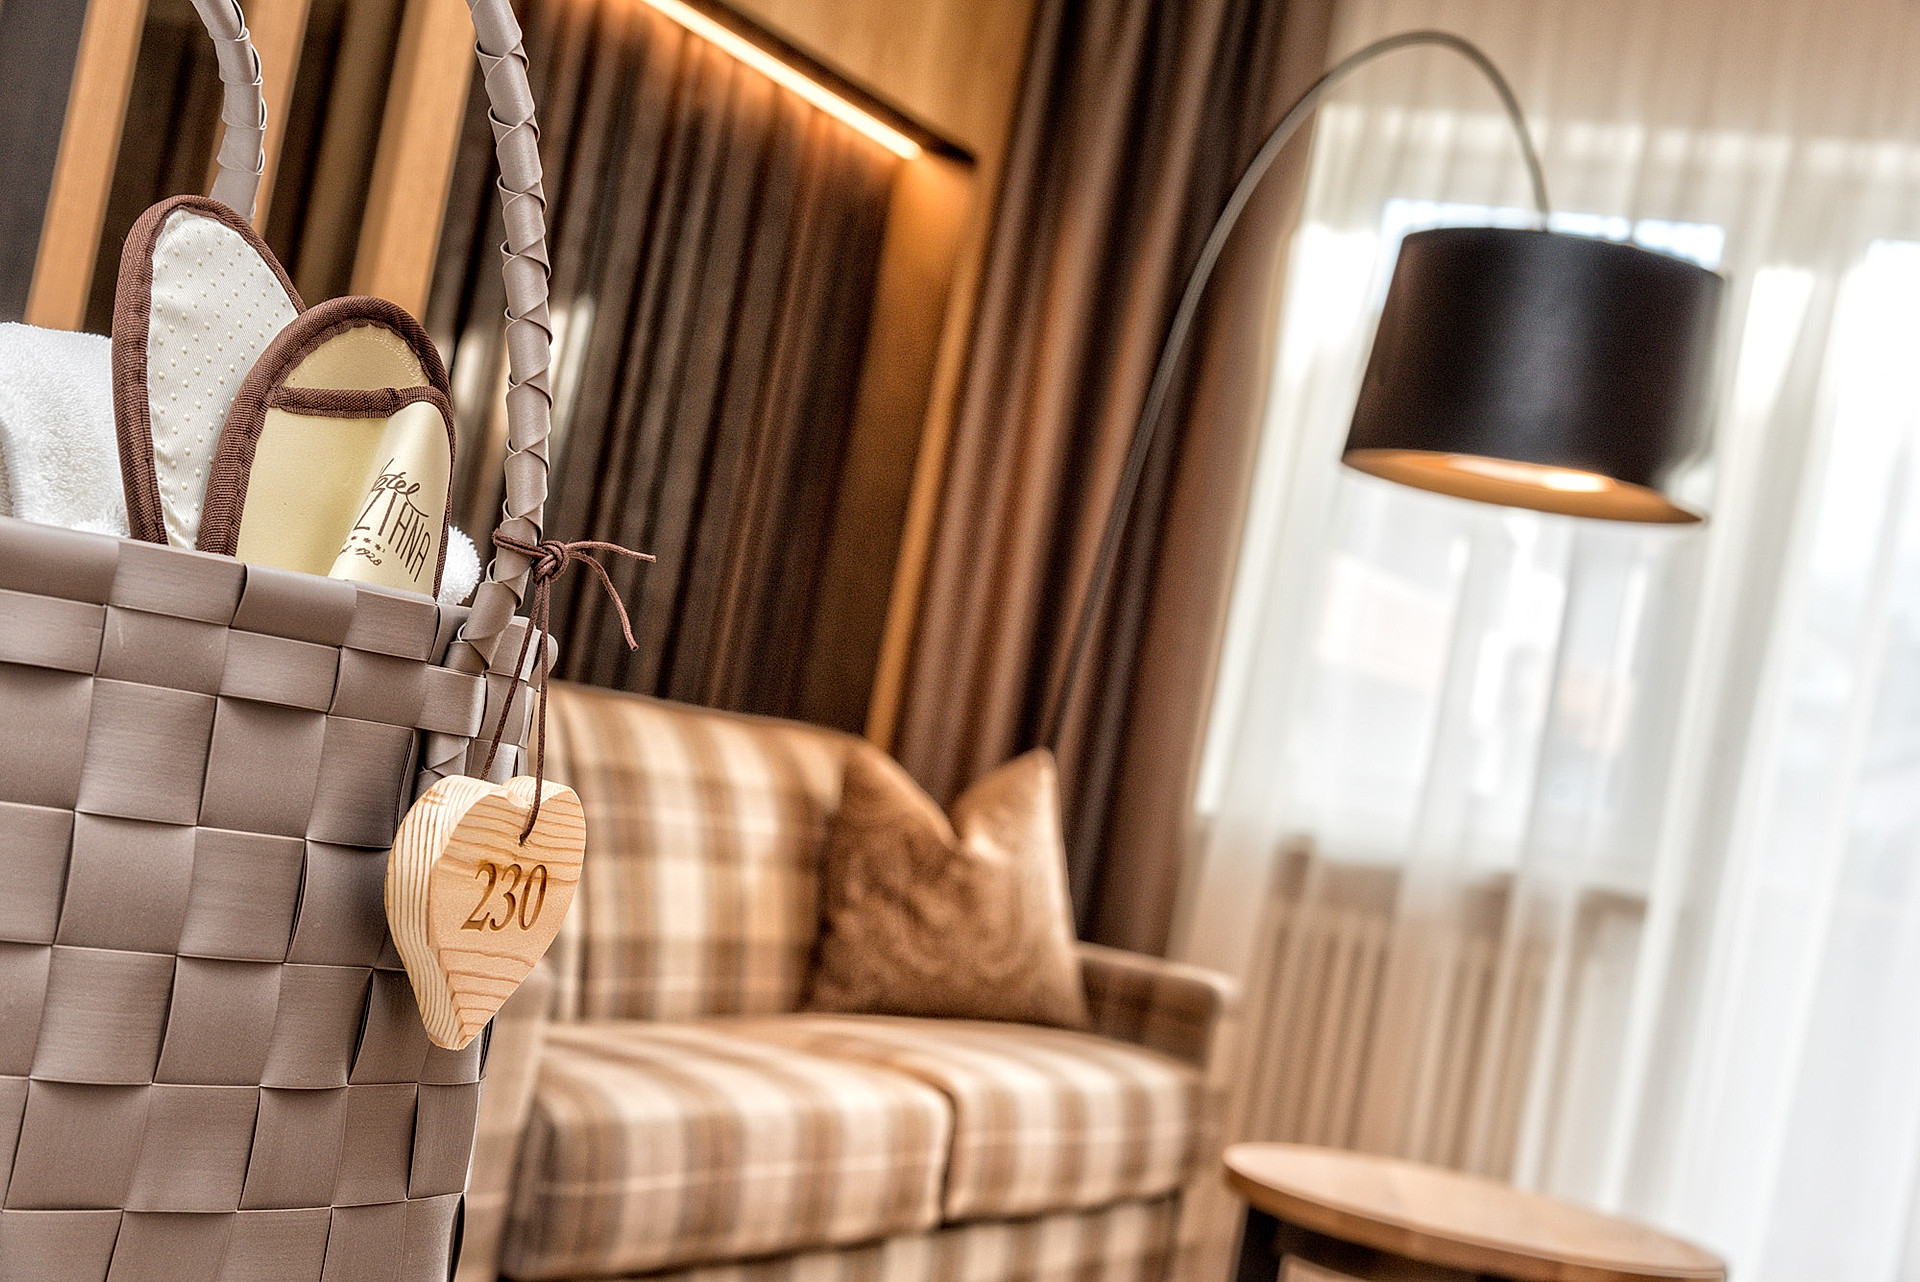 Hotelfotograf | Hotelfoto | Zimmerfoto | Interieurfotograf | Tourismusfotografie | Südtirol | Fotograf |Bayern|